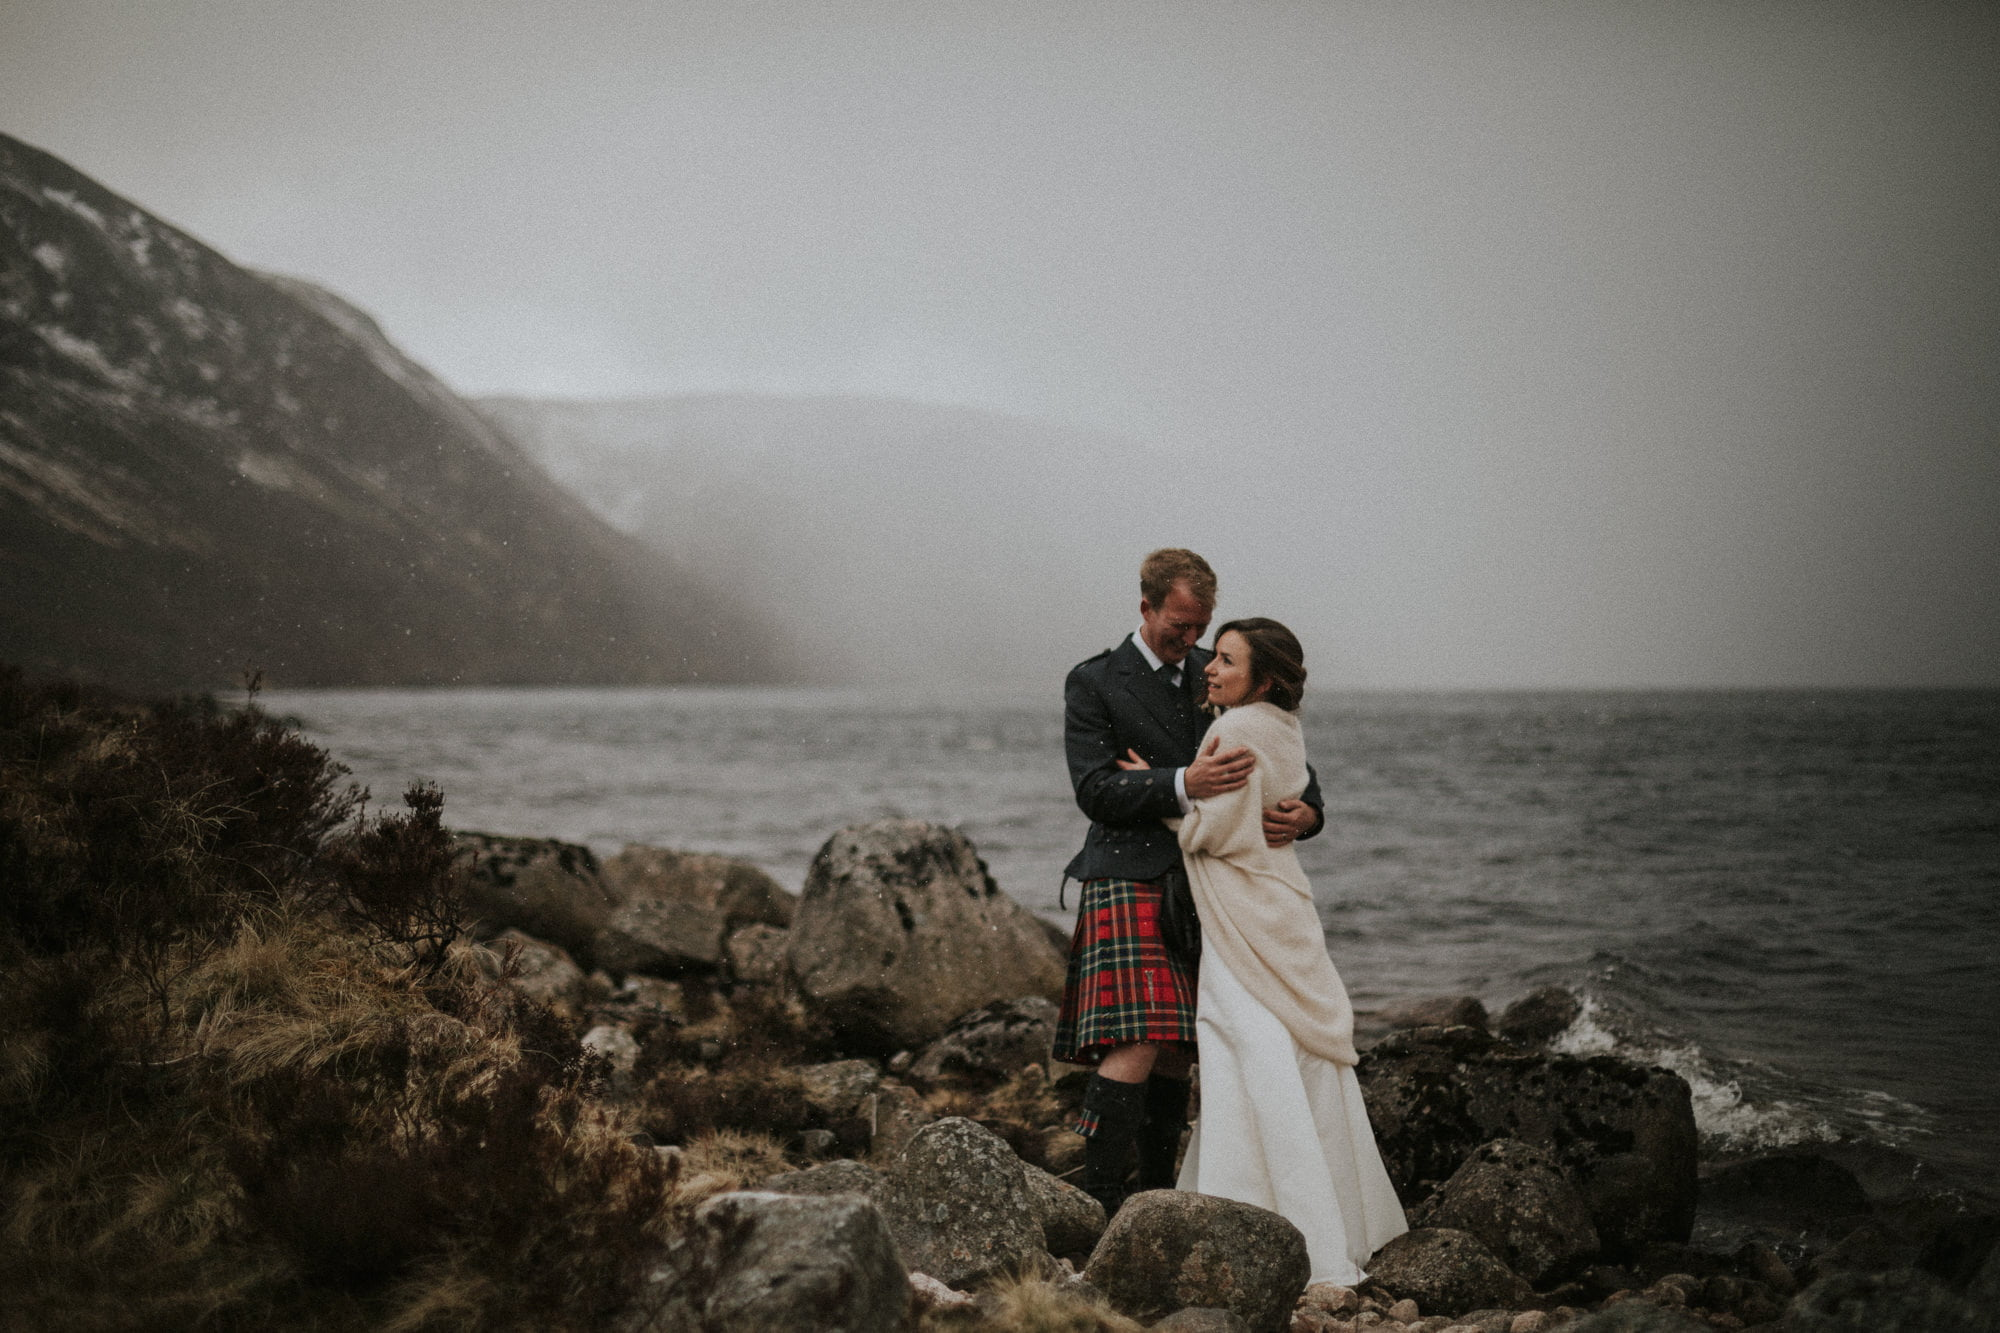 Cairngorms National Park, Loch Muick elopement